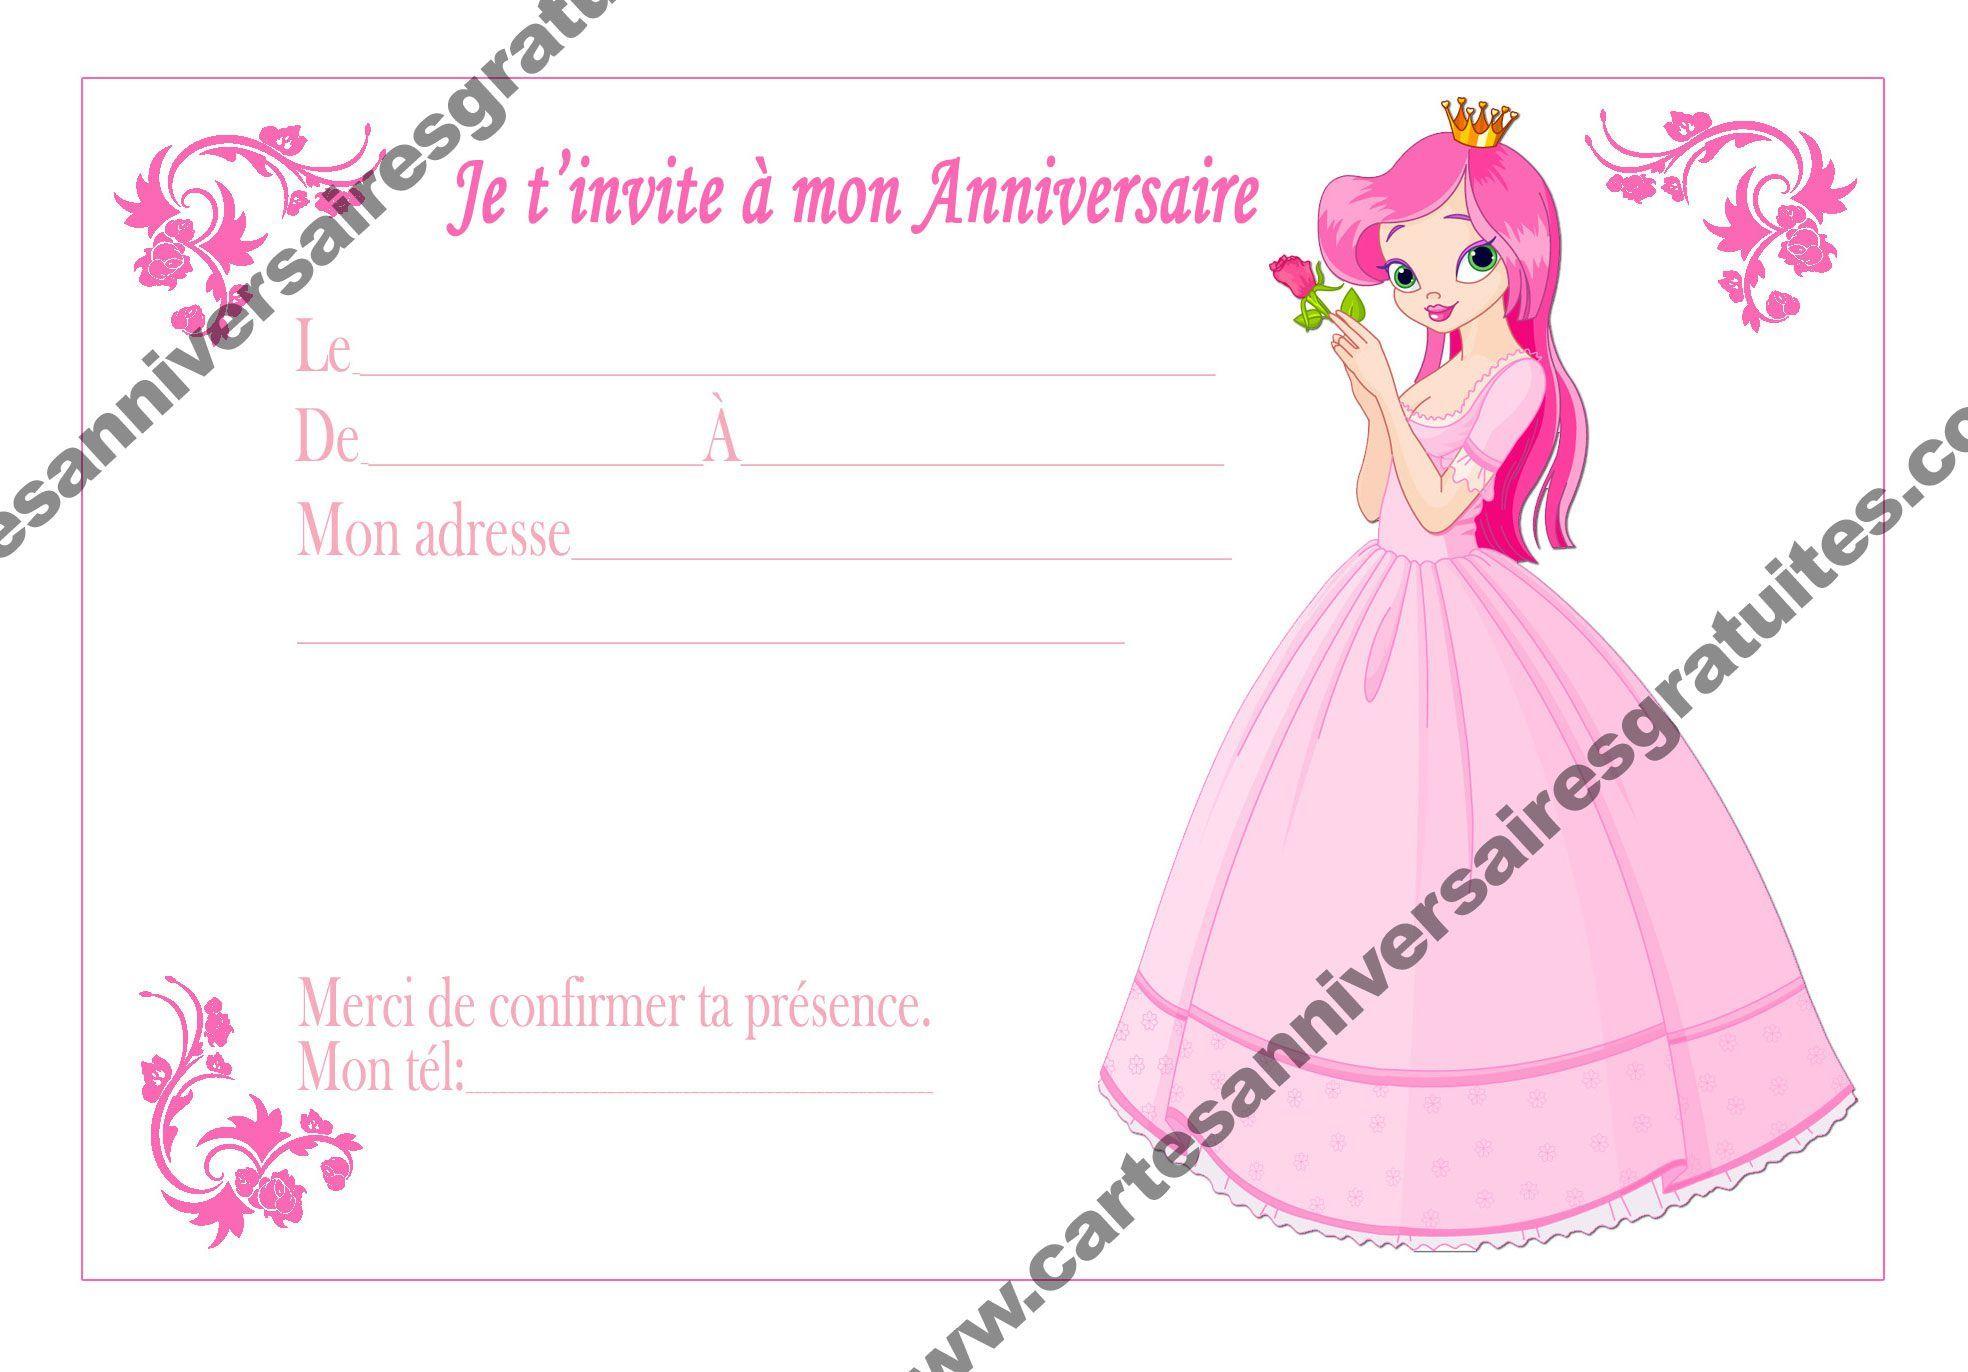 Carte invitation anniversaire gratuite (Dengan gambar)